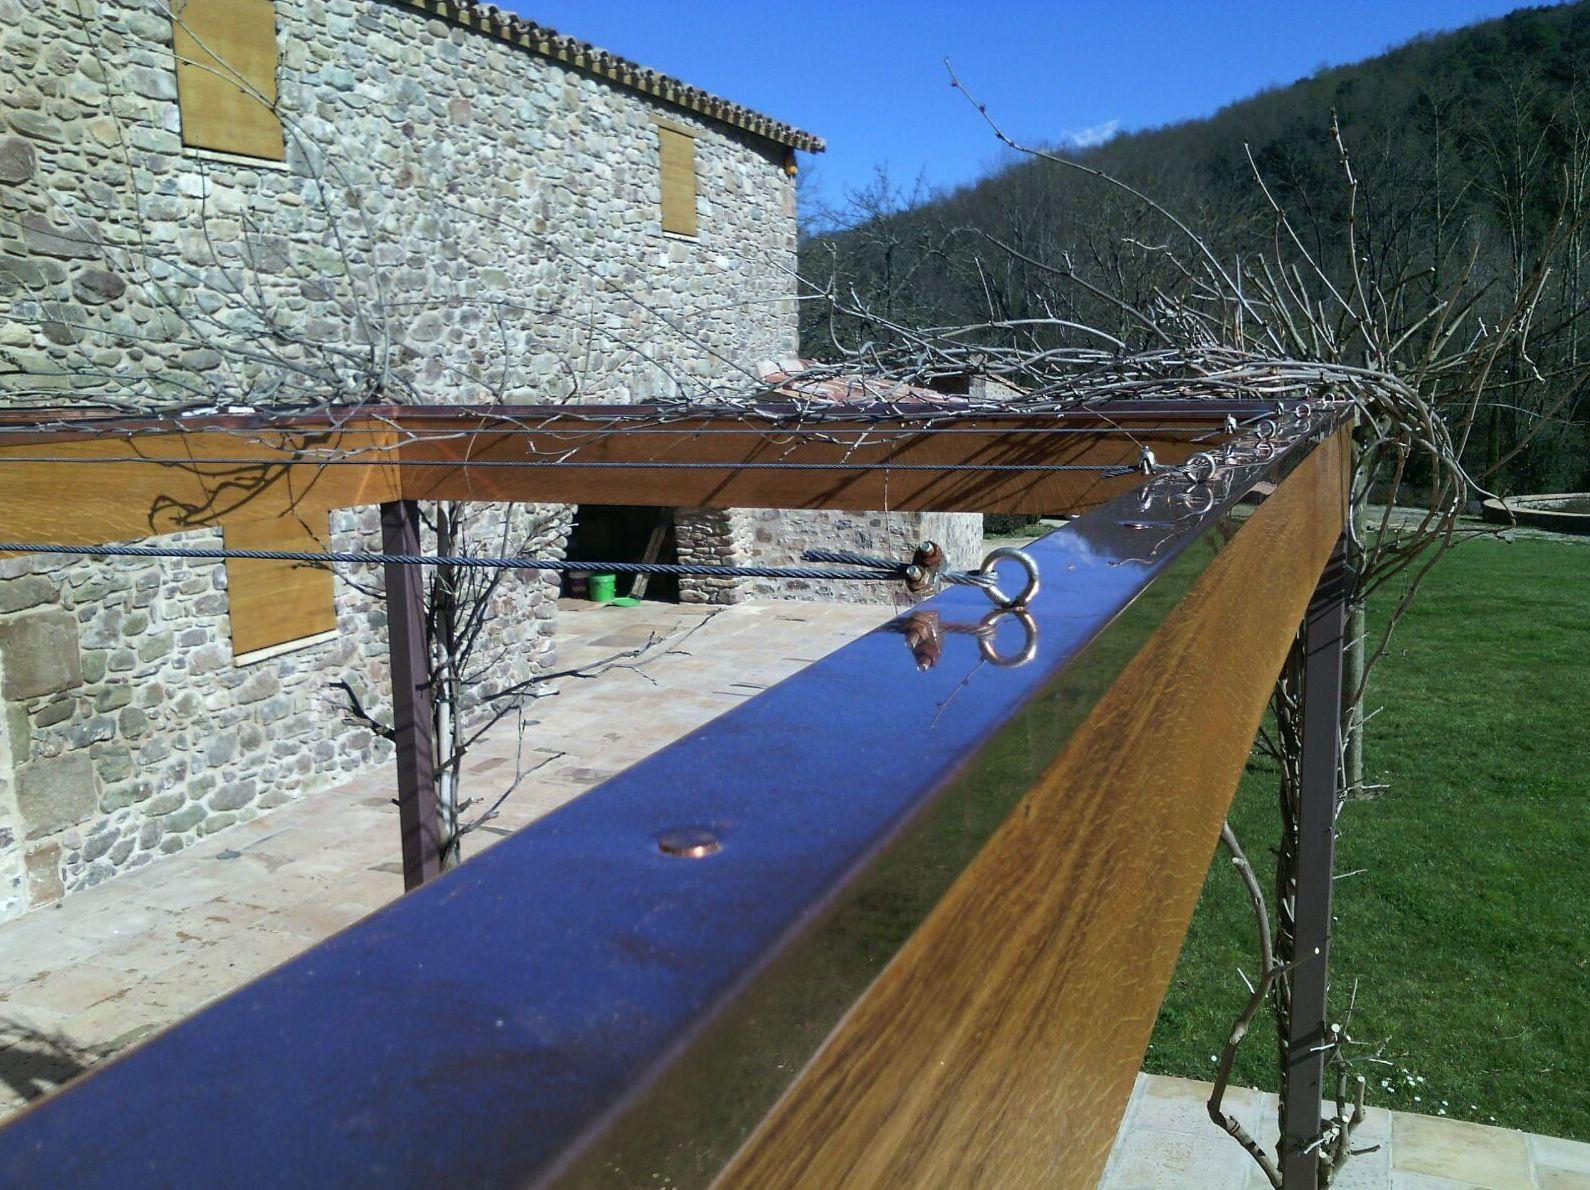 Perfil de cobre para proteger la madera en  Girona